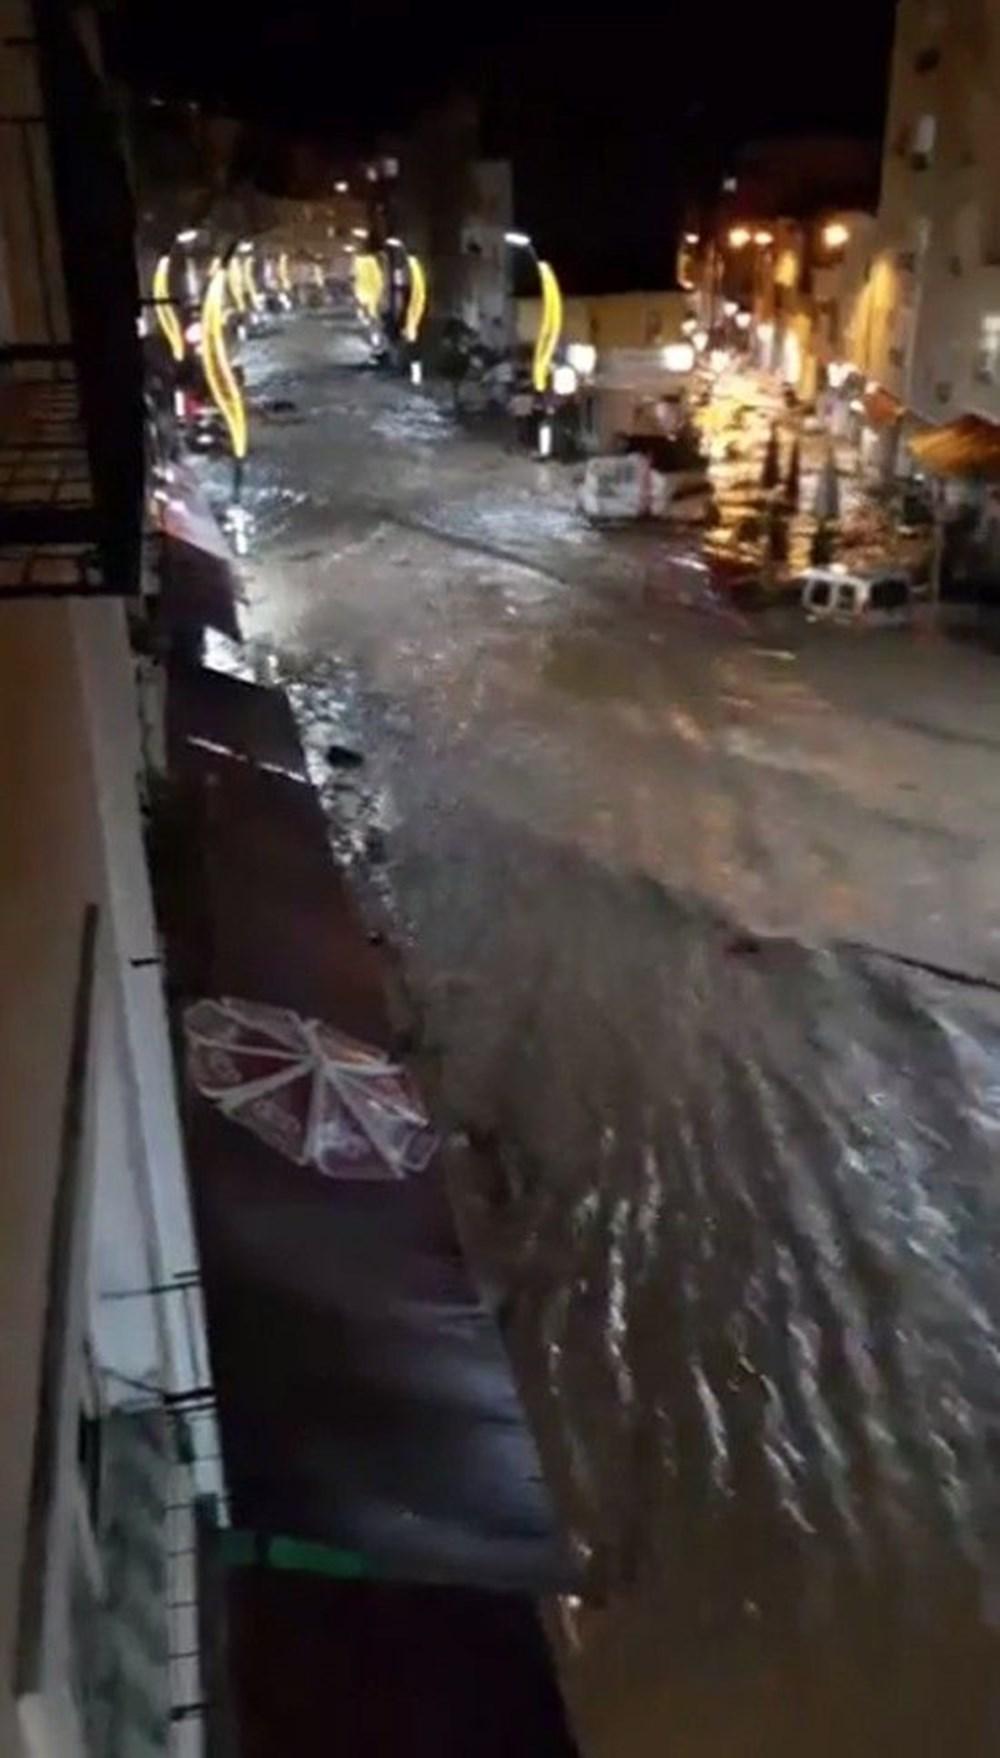 Giresun'u sel vurdu: 4 kişi hayatını kaybetti - 19